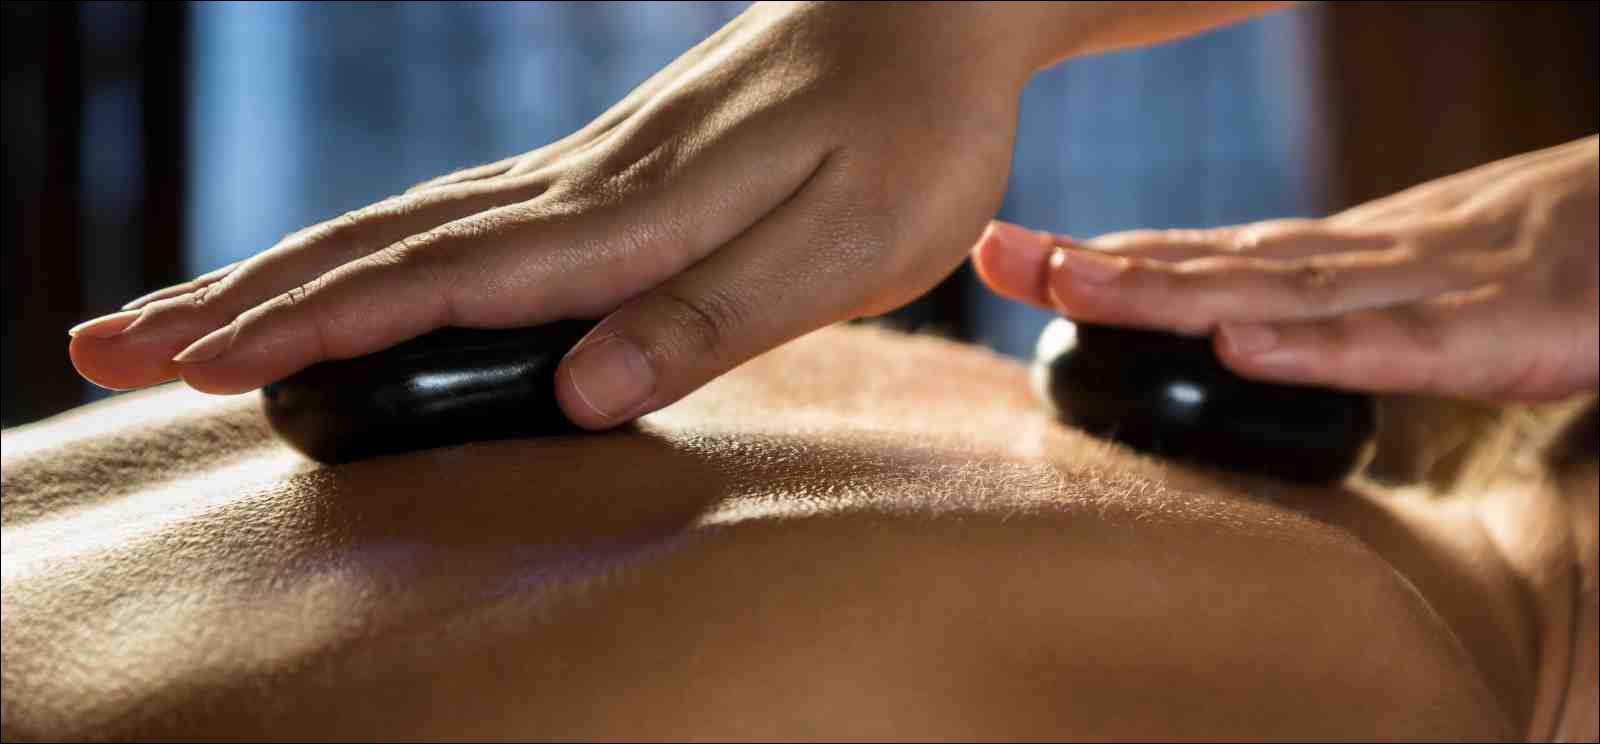 Stone-therapy massage close-up